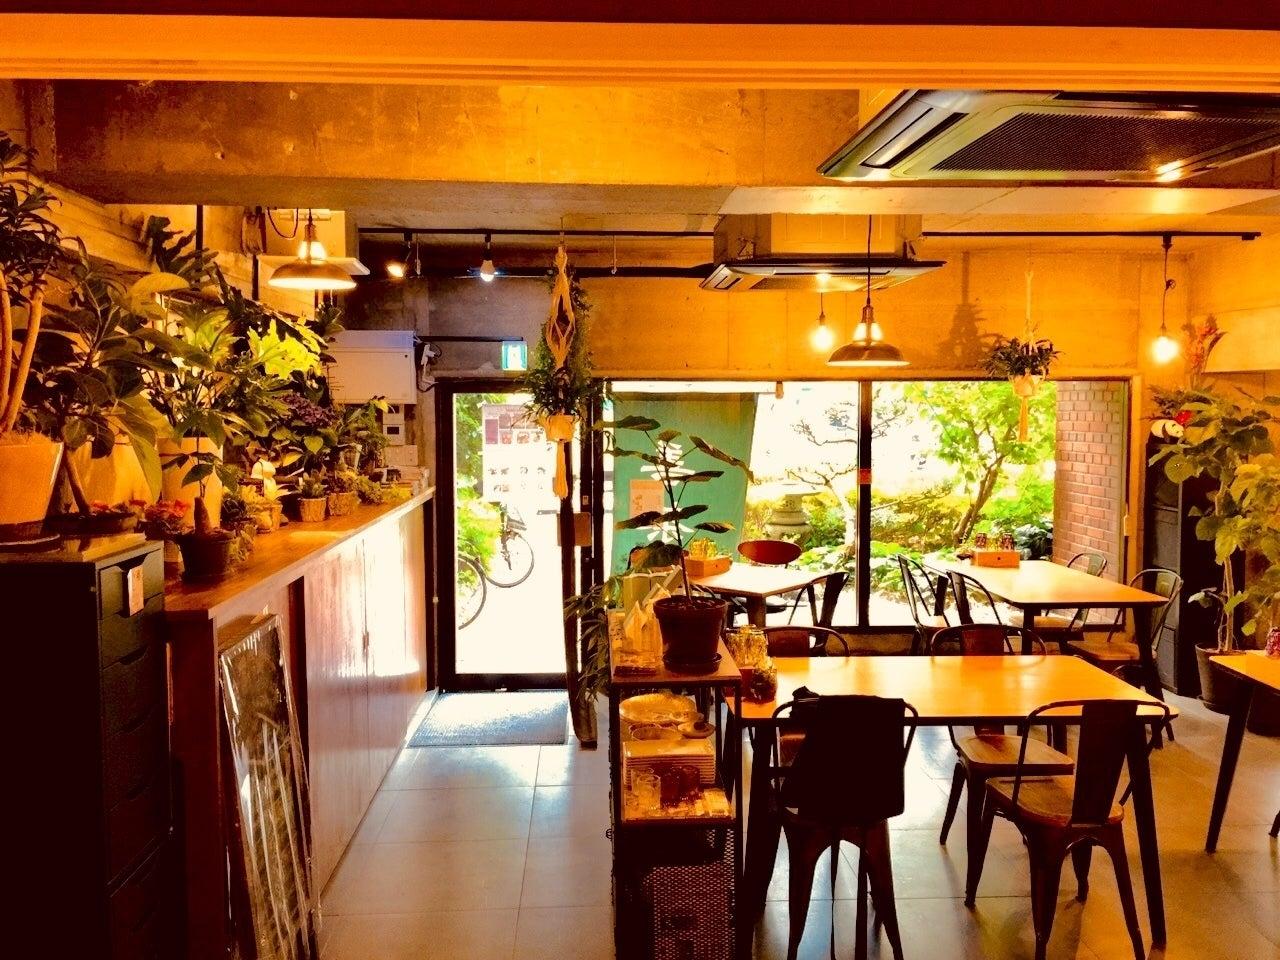 バーカウンター、キッチン付き、お洒落なカフェ。アクセスも大変便利です。(大人の隠れ家!大阪駅からアクセス抜群。 静寂な同心のラウンジで優雅な時間をお過ごしください。) の写真0